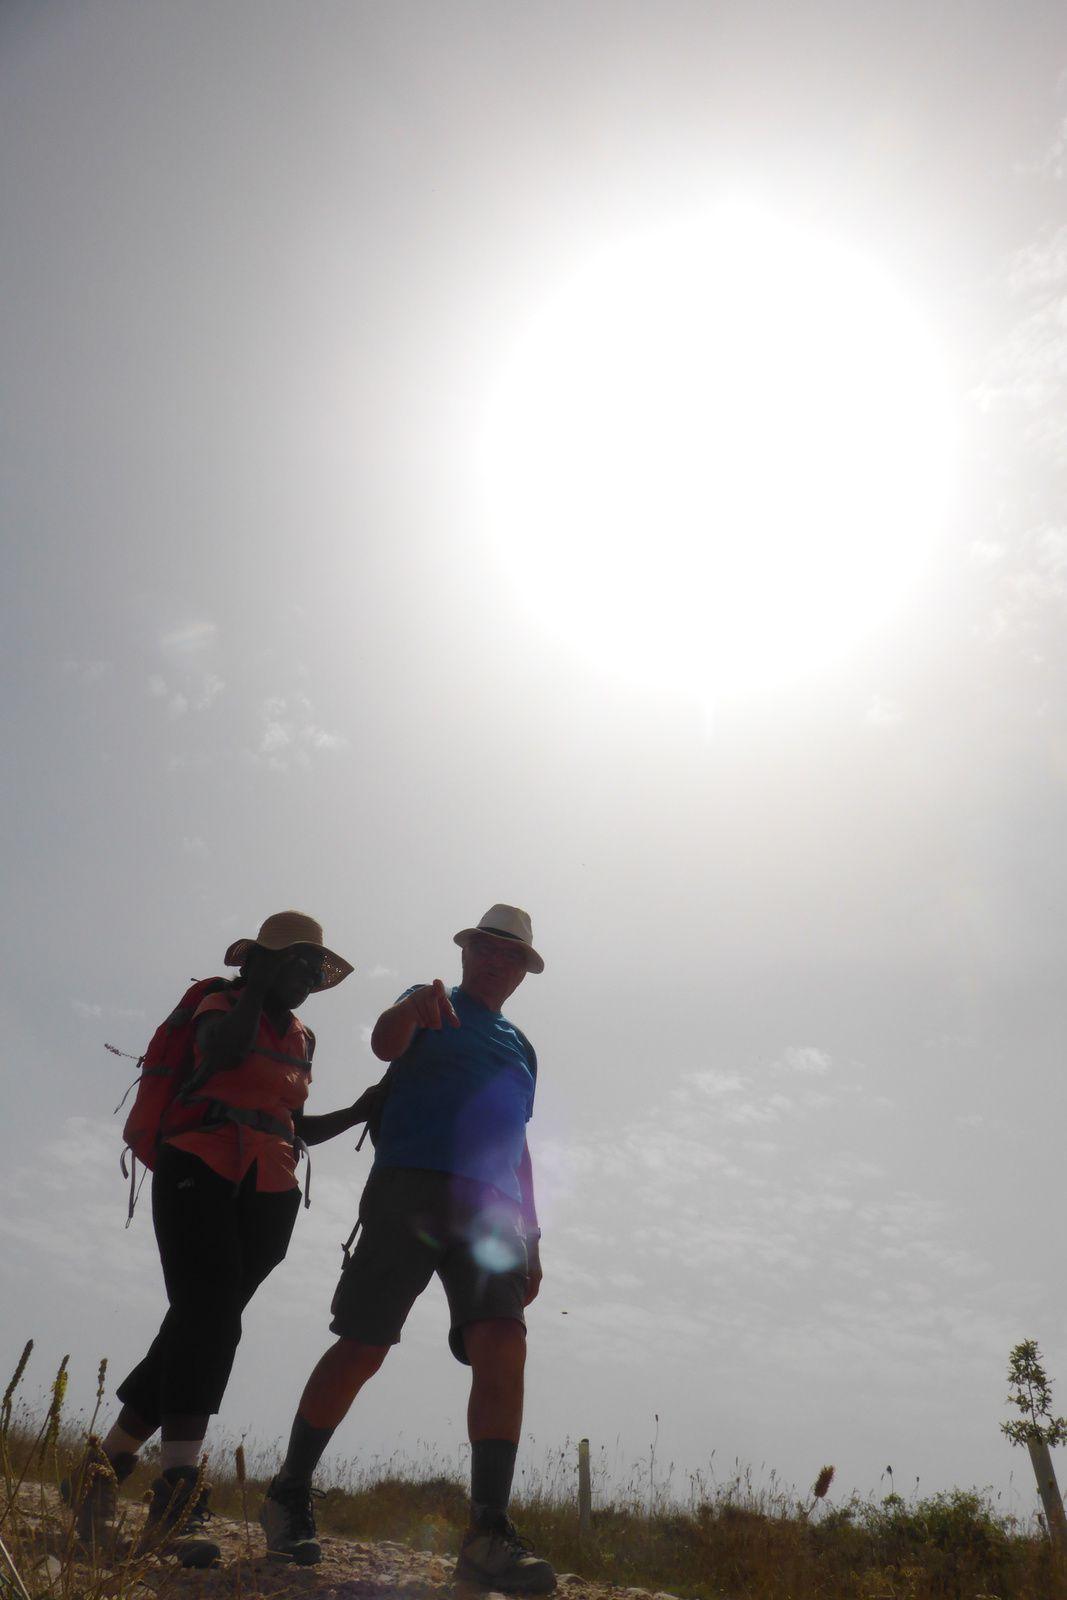 Bernard qui guide Pascaline, lui dit: Tiens voilà encore le photographe couché au sol faisant une photo vers le soleil.